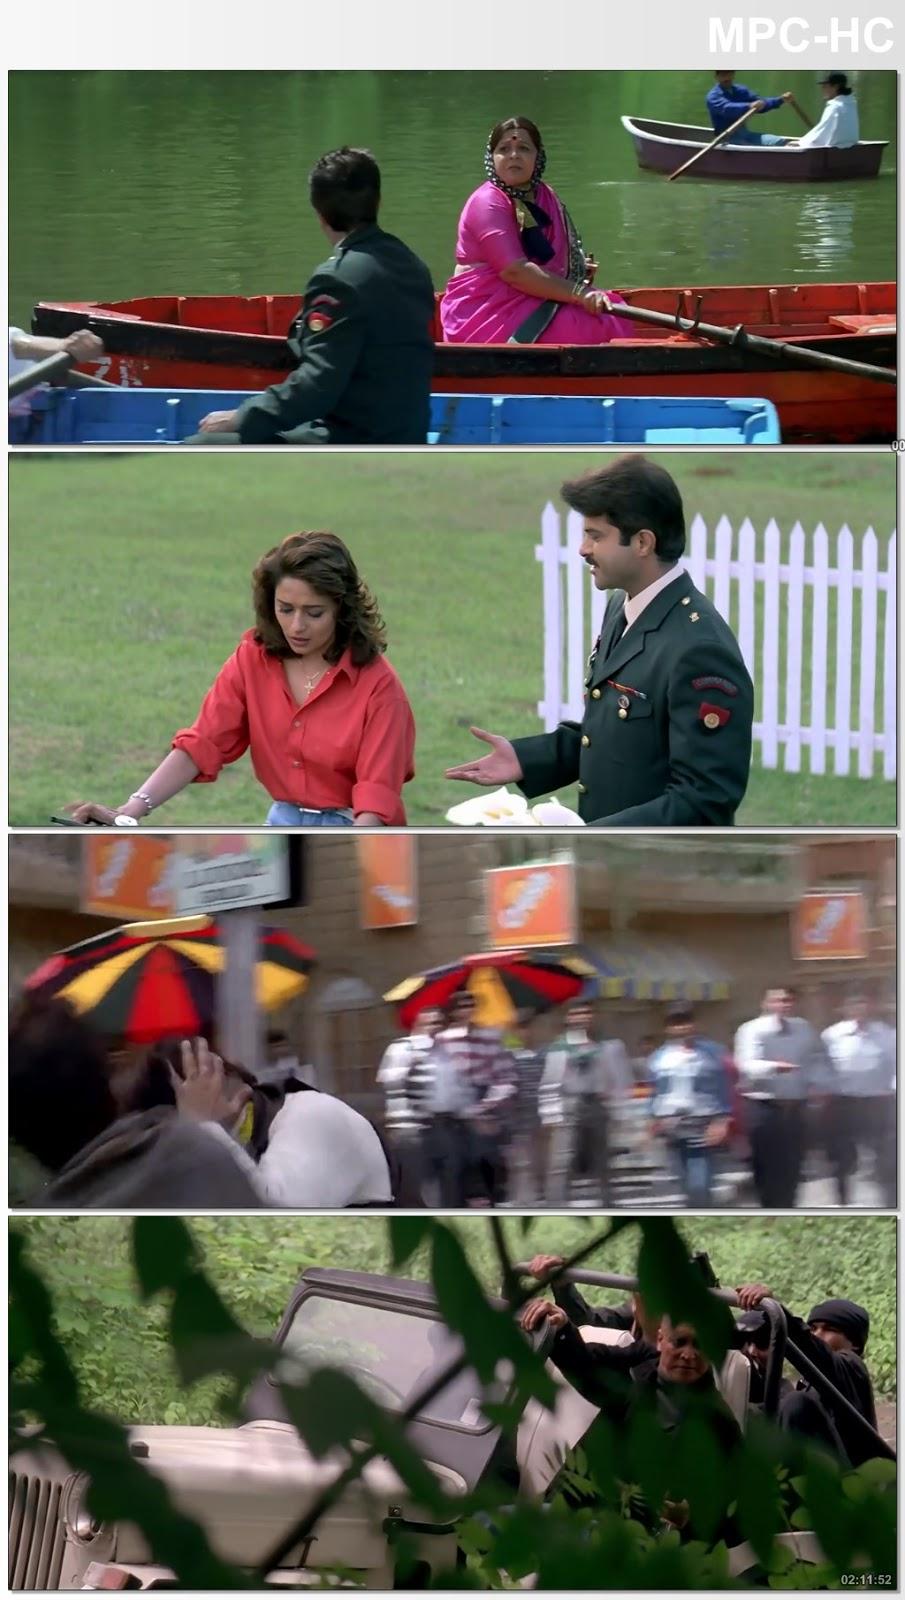 Pukaar 2000 Hindi 720p WEB-DL 1.2GB ESub Desirehub